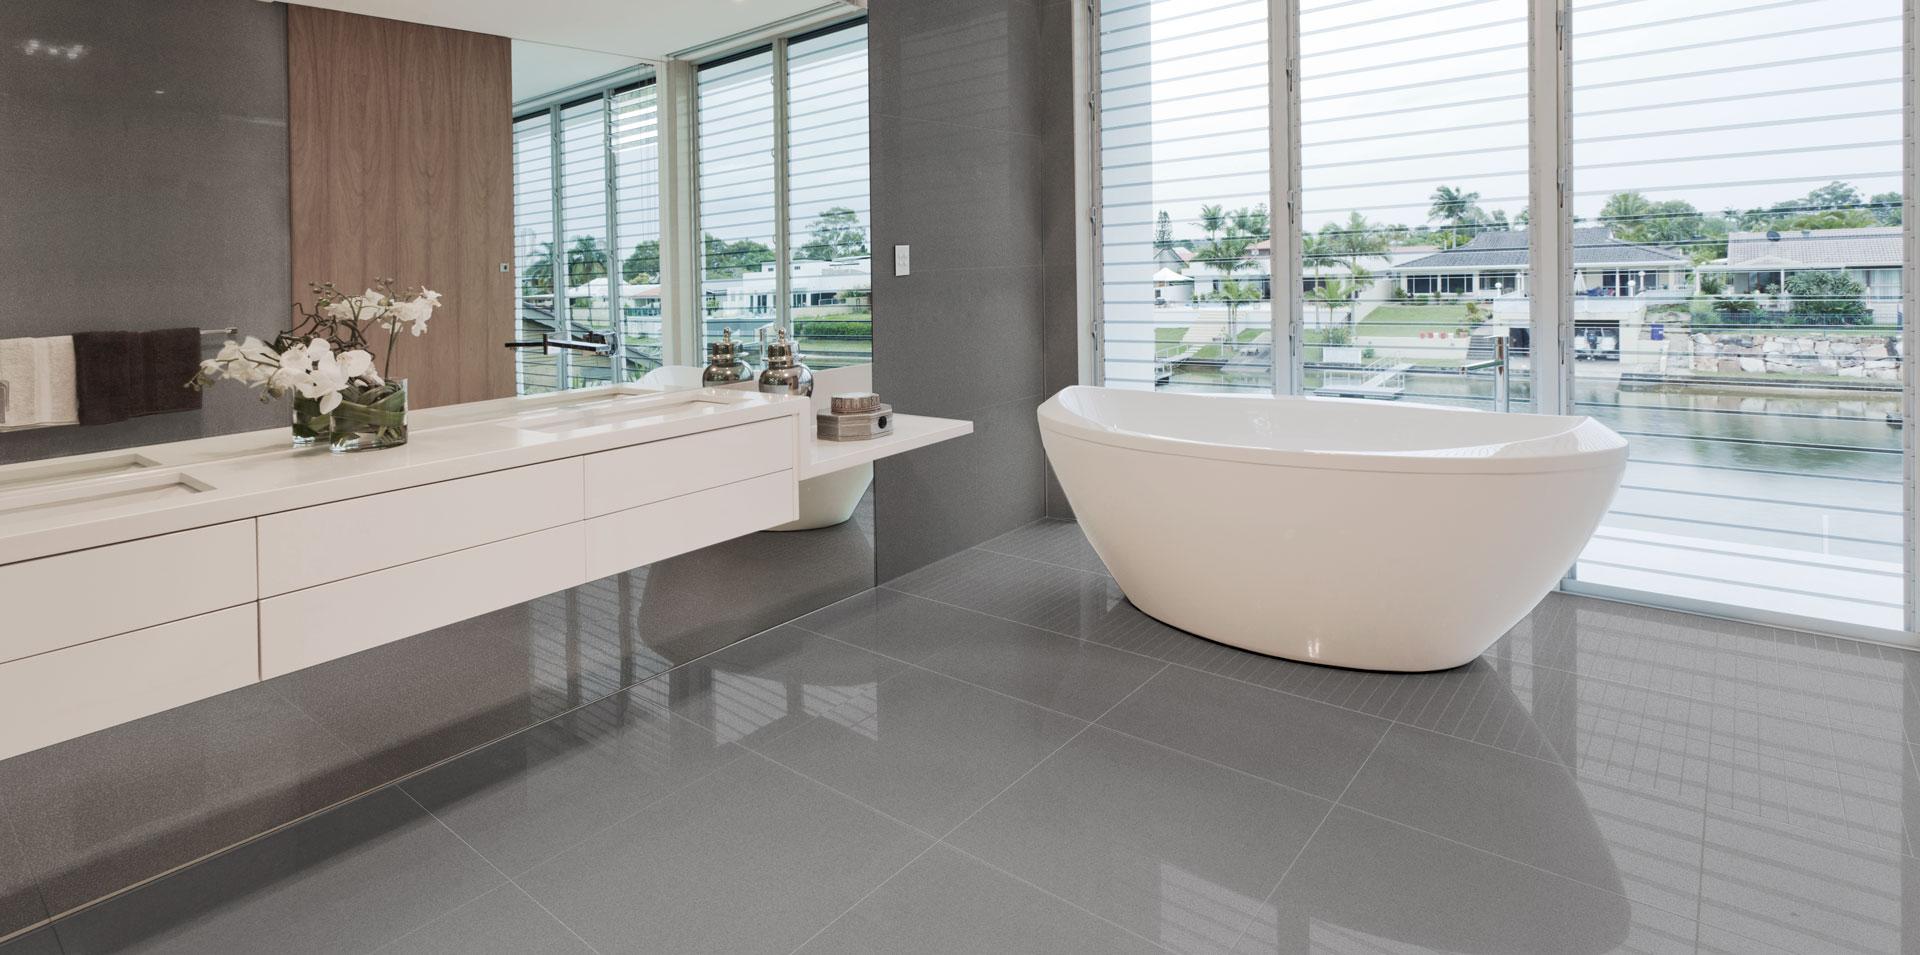 uk tile sales - azteca smart lux bathroom tiles